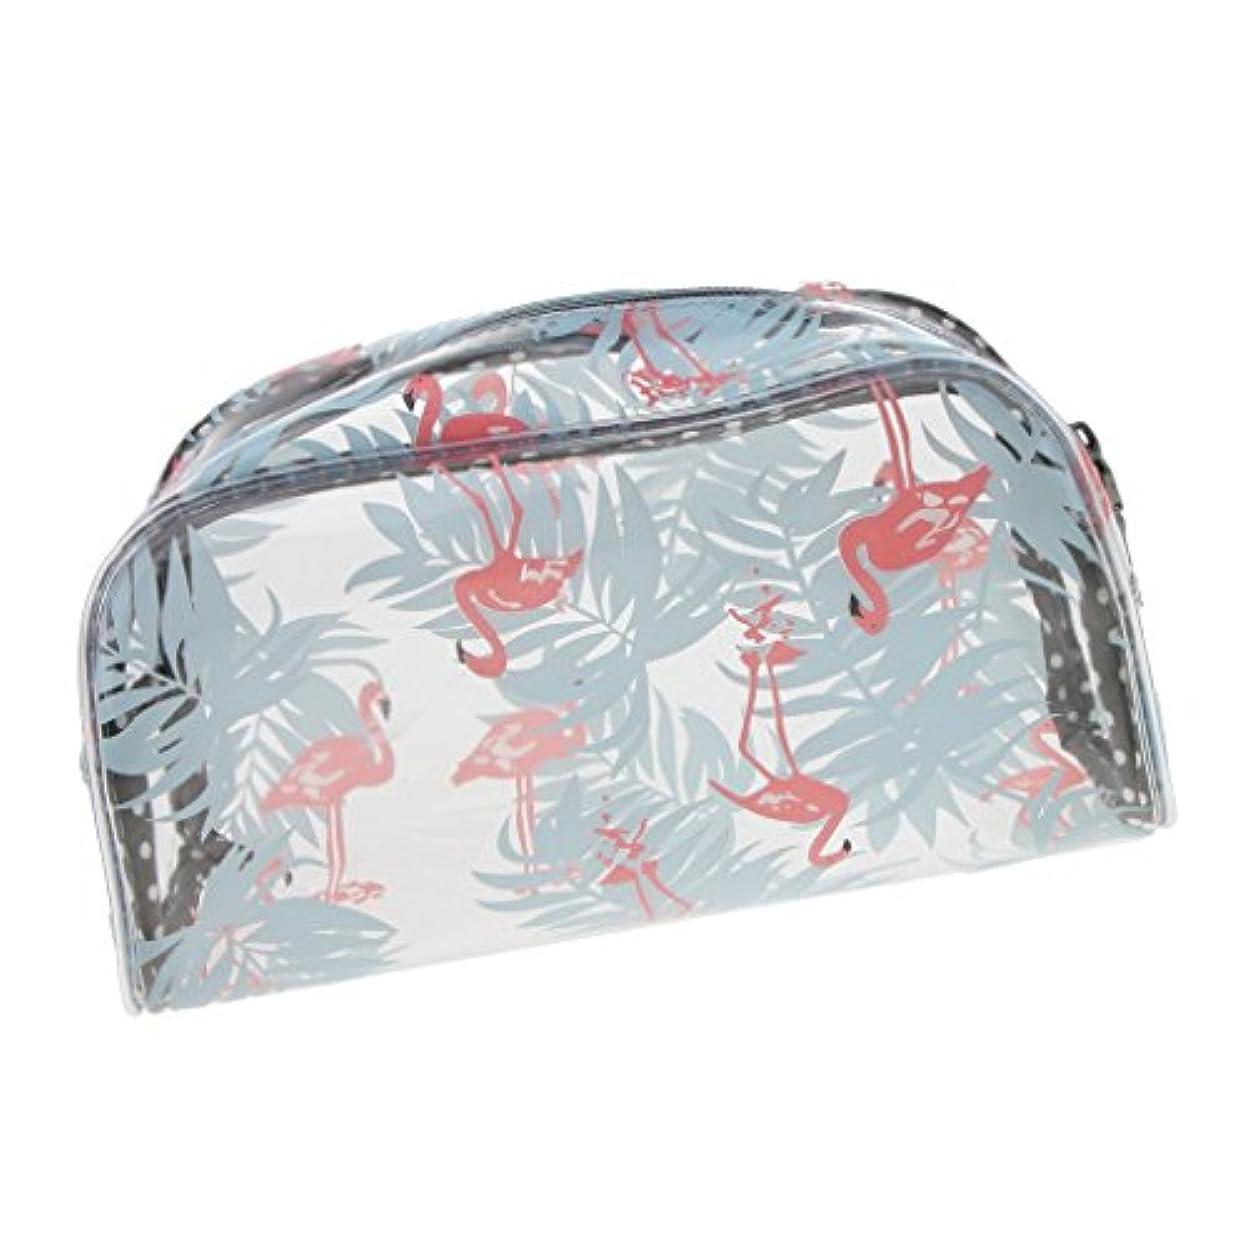 リング偽造不愉快明確な透明なプラスチックポリ塩化ビニール旅行構造の化粧品の洗面用品のジッパー袋 - #3